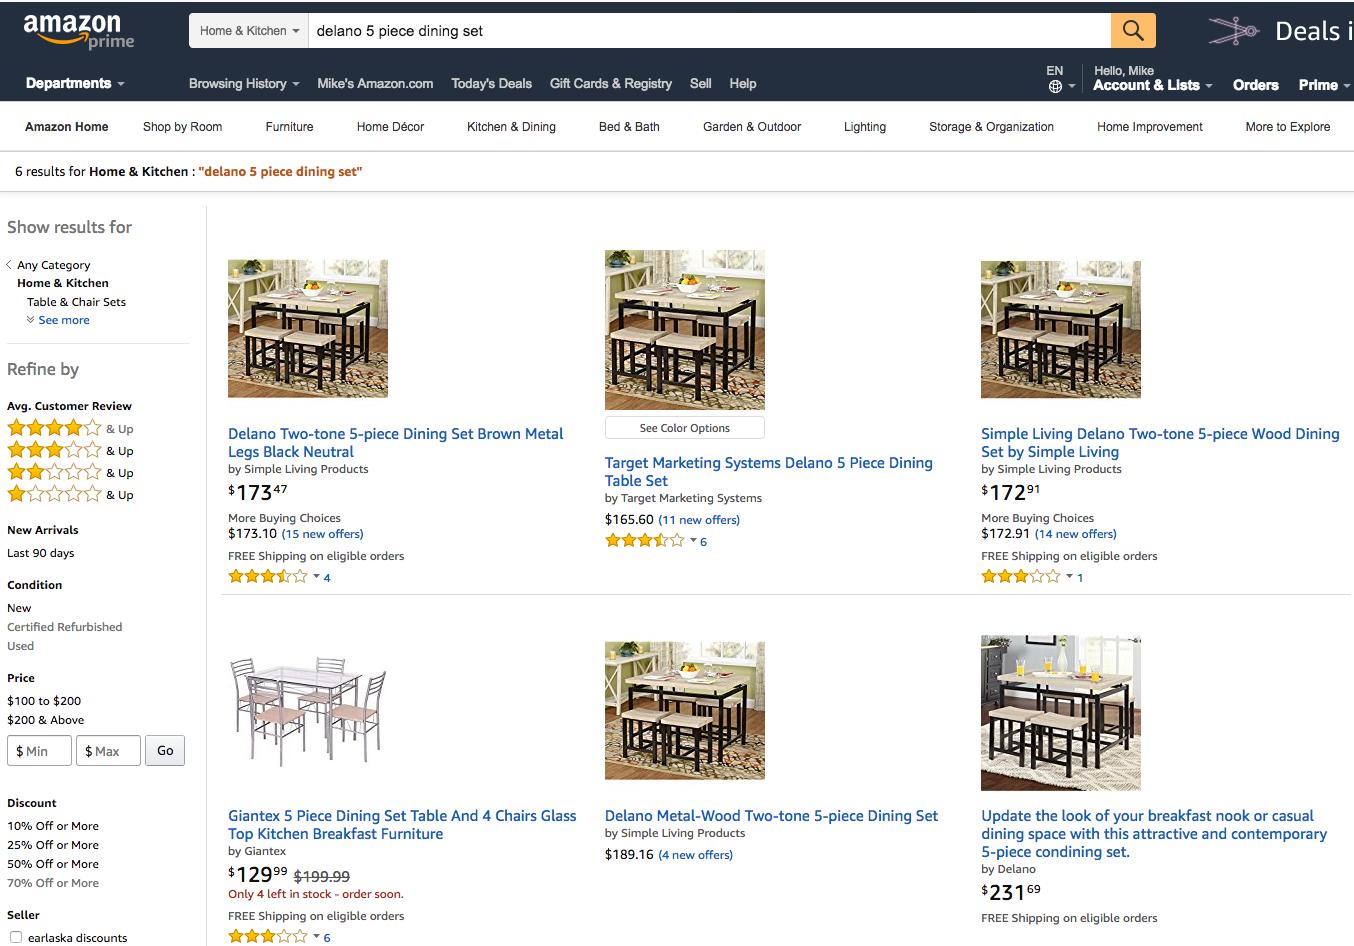 Wayfair Amazon Walmart And Sears All Sell The Same